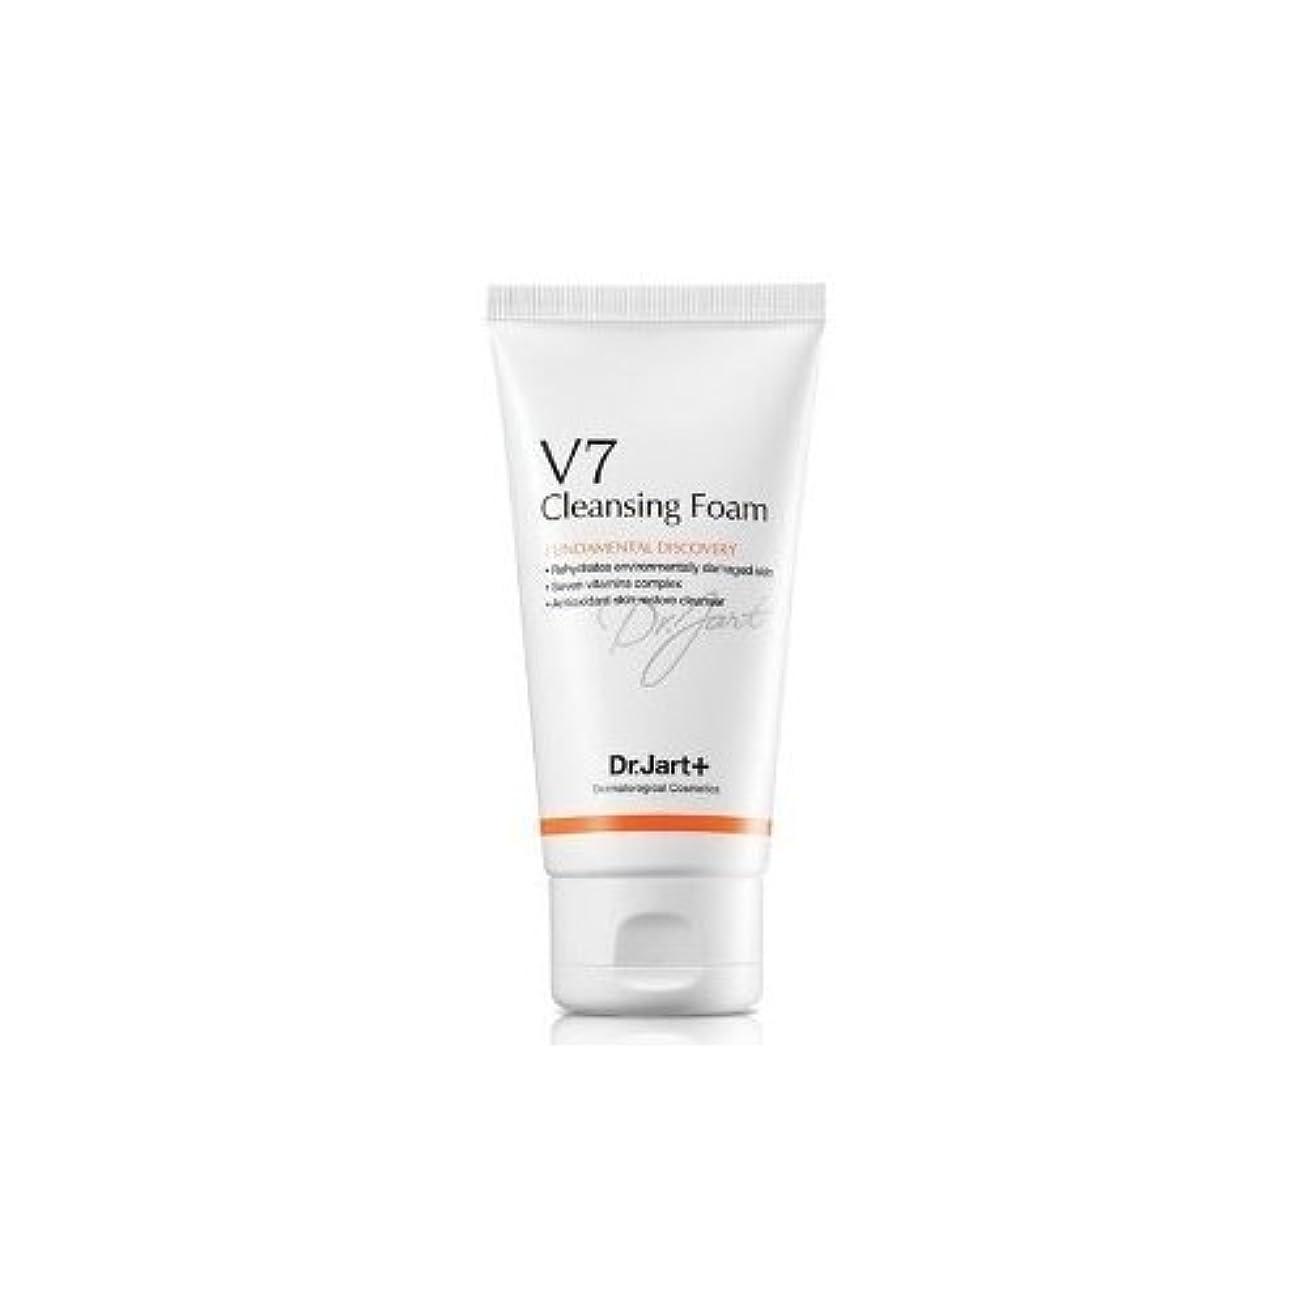 自分自身米ドルメトロポリタンDr. Jart V7 Cleansing Foam-3.4 oz.